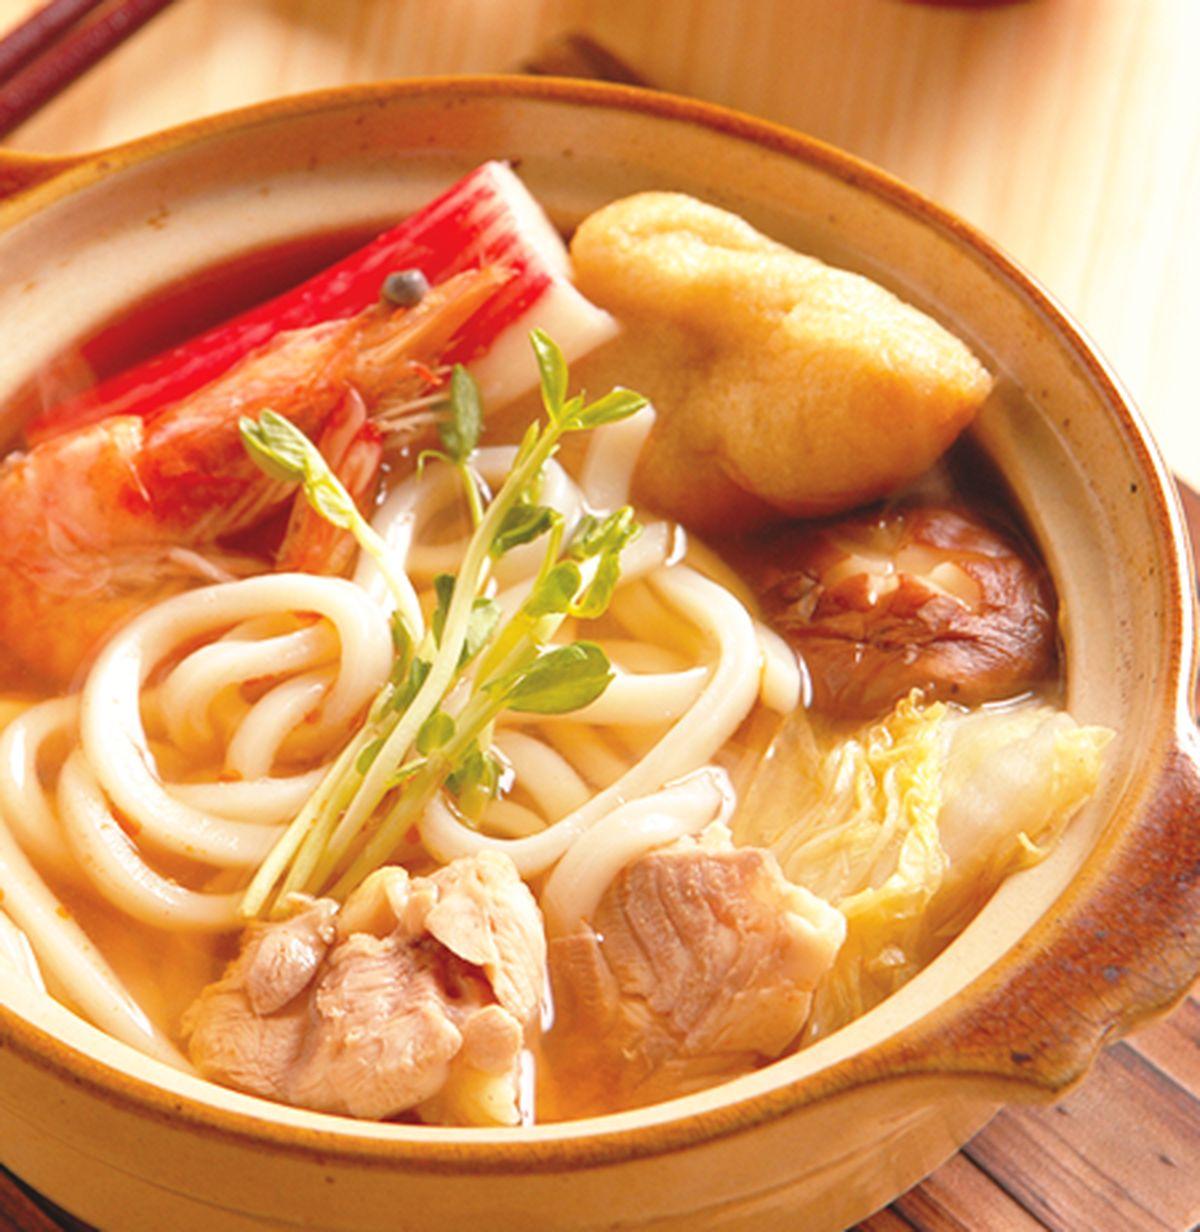 食譜:海鮮鍋燒烏龍麵